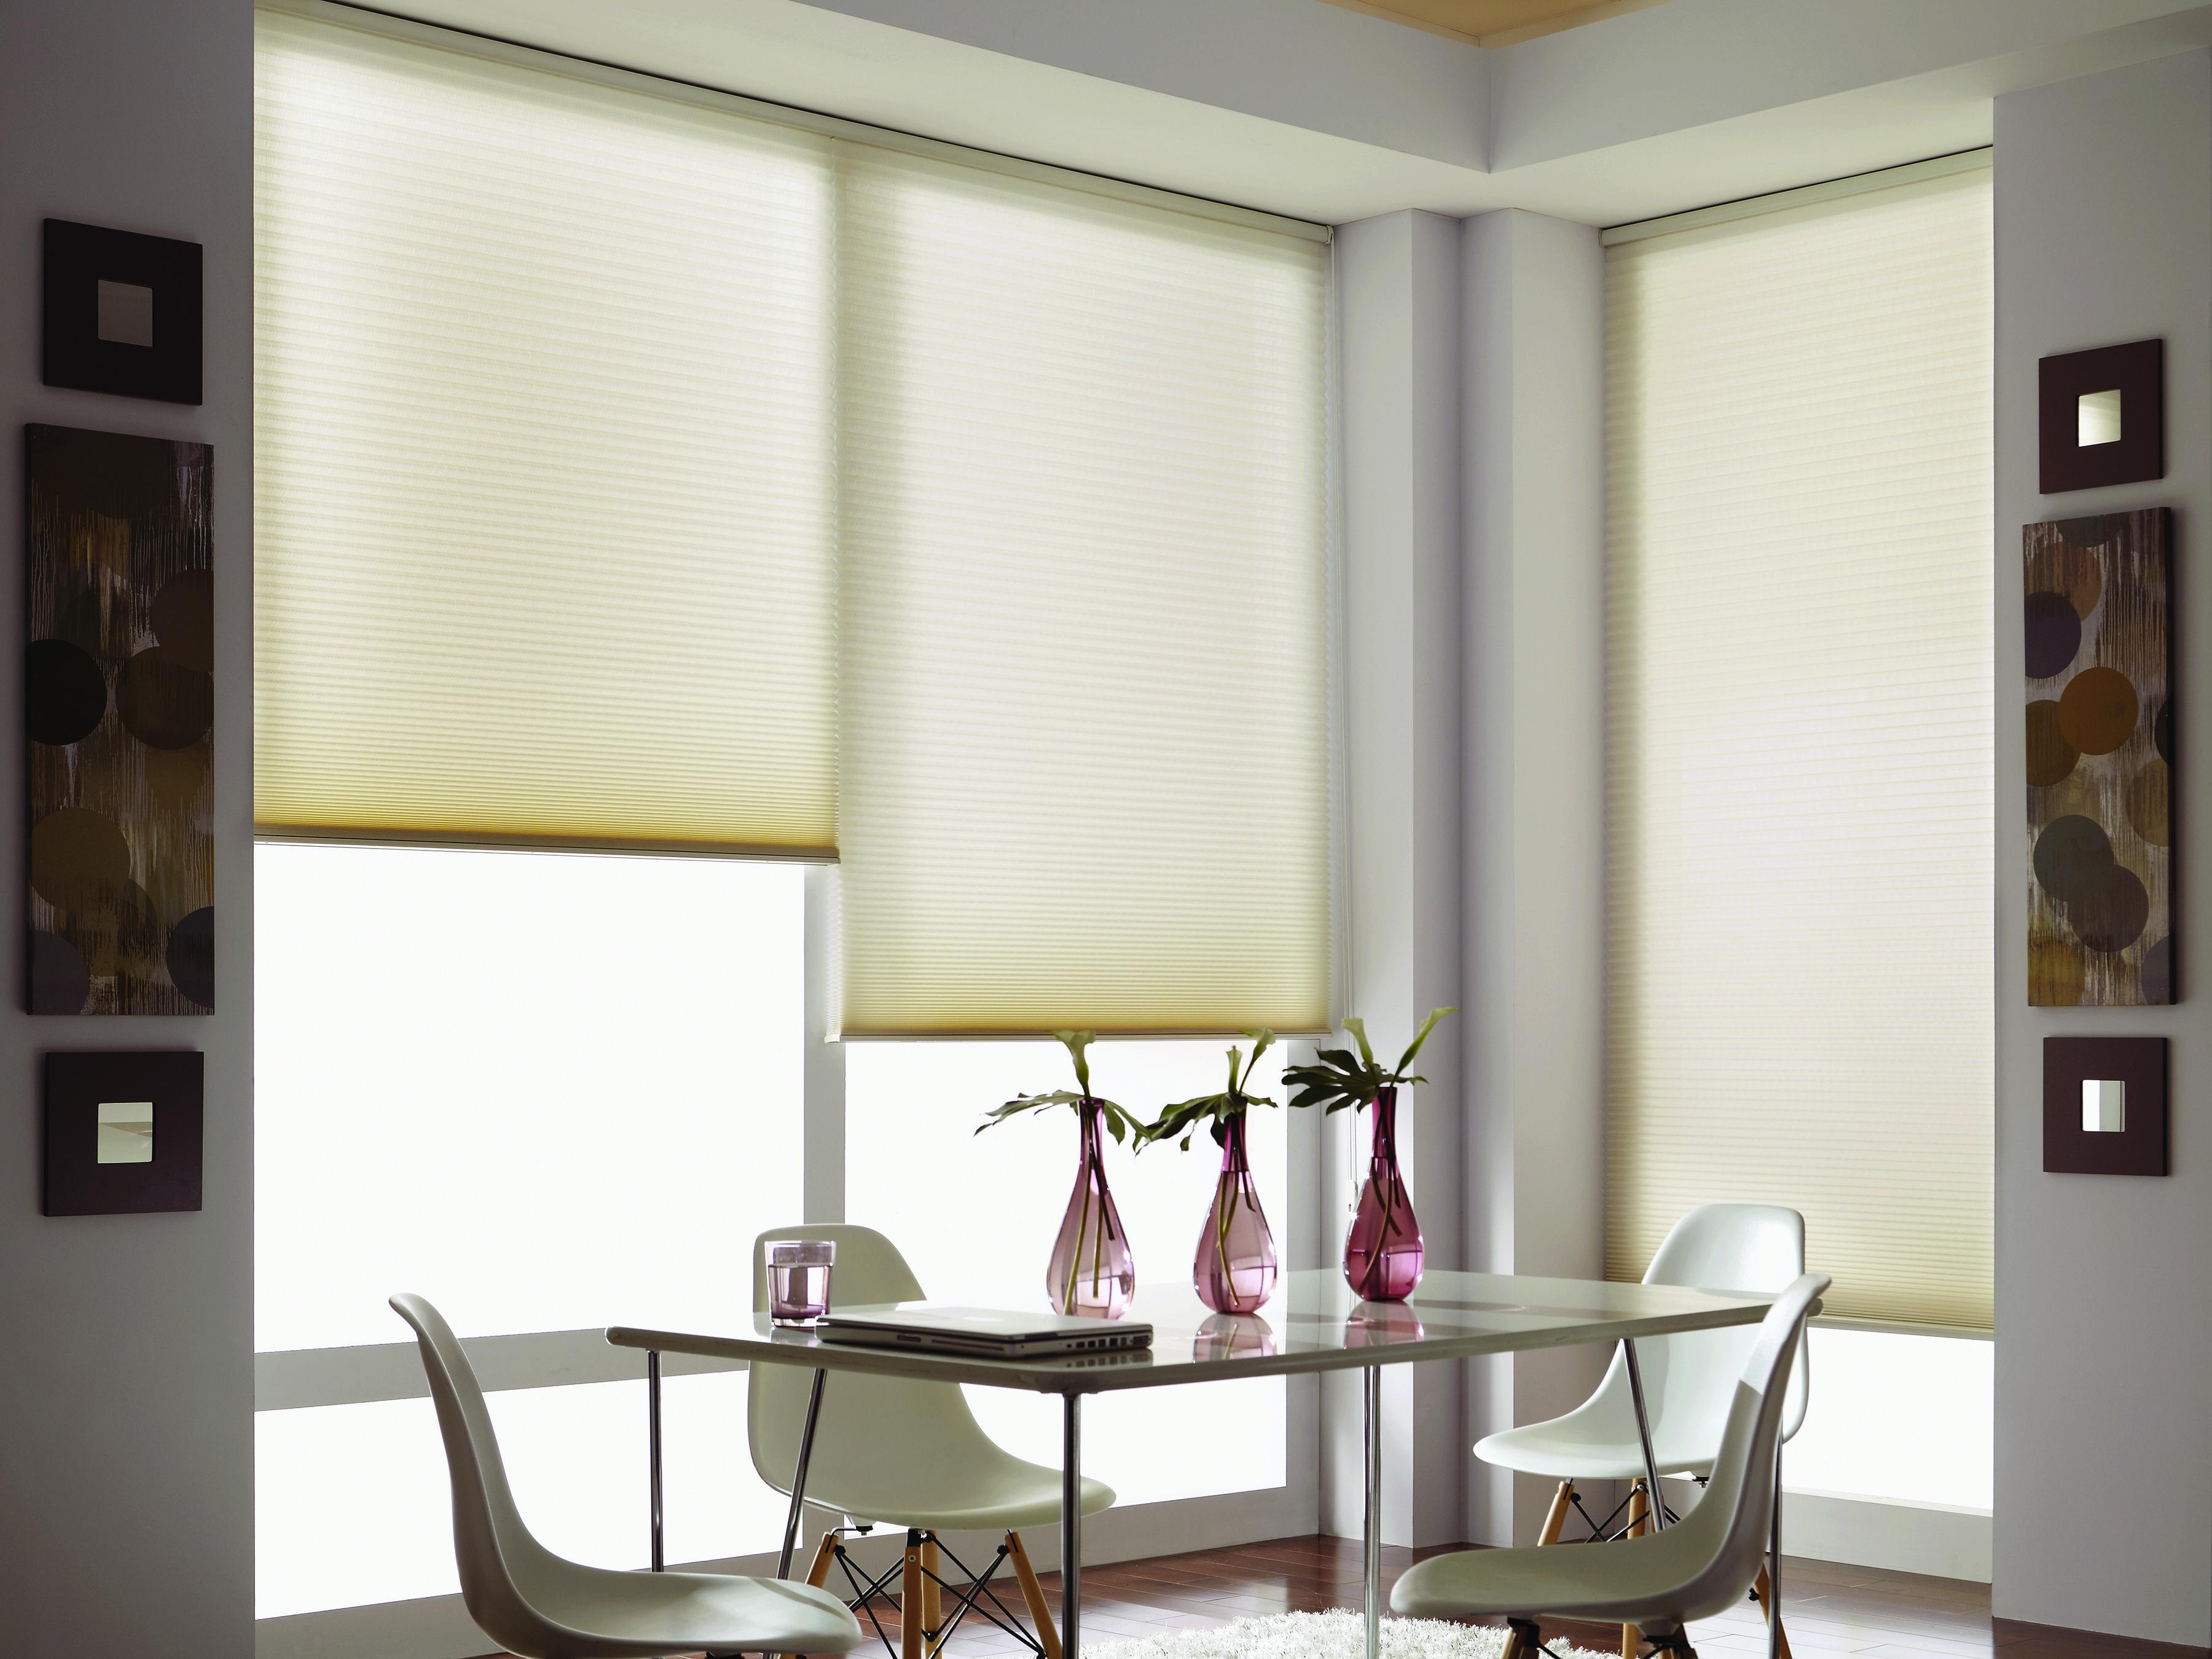 6af1a136bd8c2684123ed58198c82184 Meilleur De De Parasol Design Concept